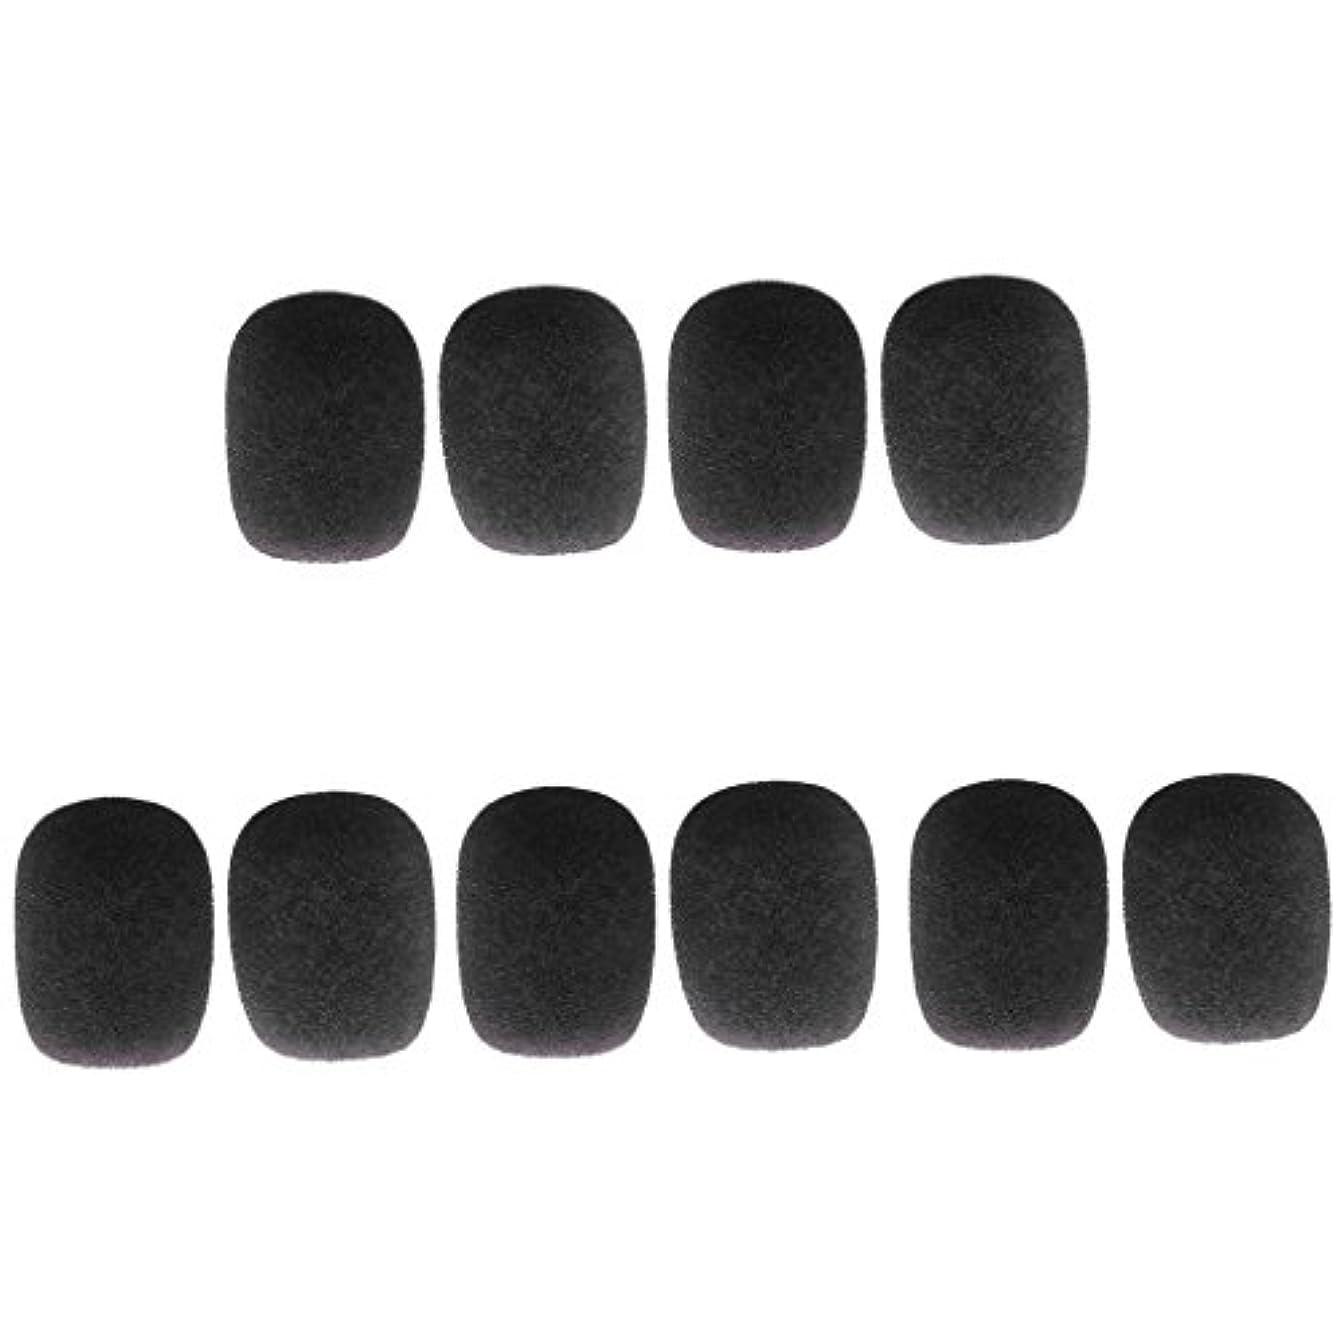 励起ねじれによってsharprepublic 10個 スポンジ ミニ マイクウィンドスクリーン マイクカバー 全5色 - ブラック